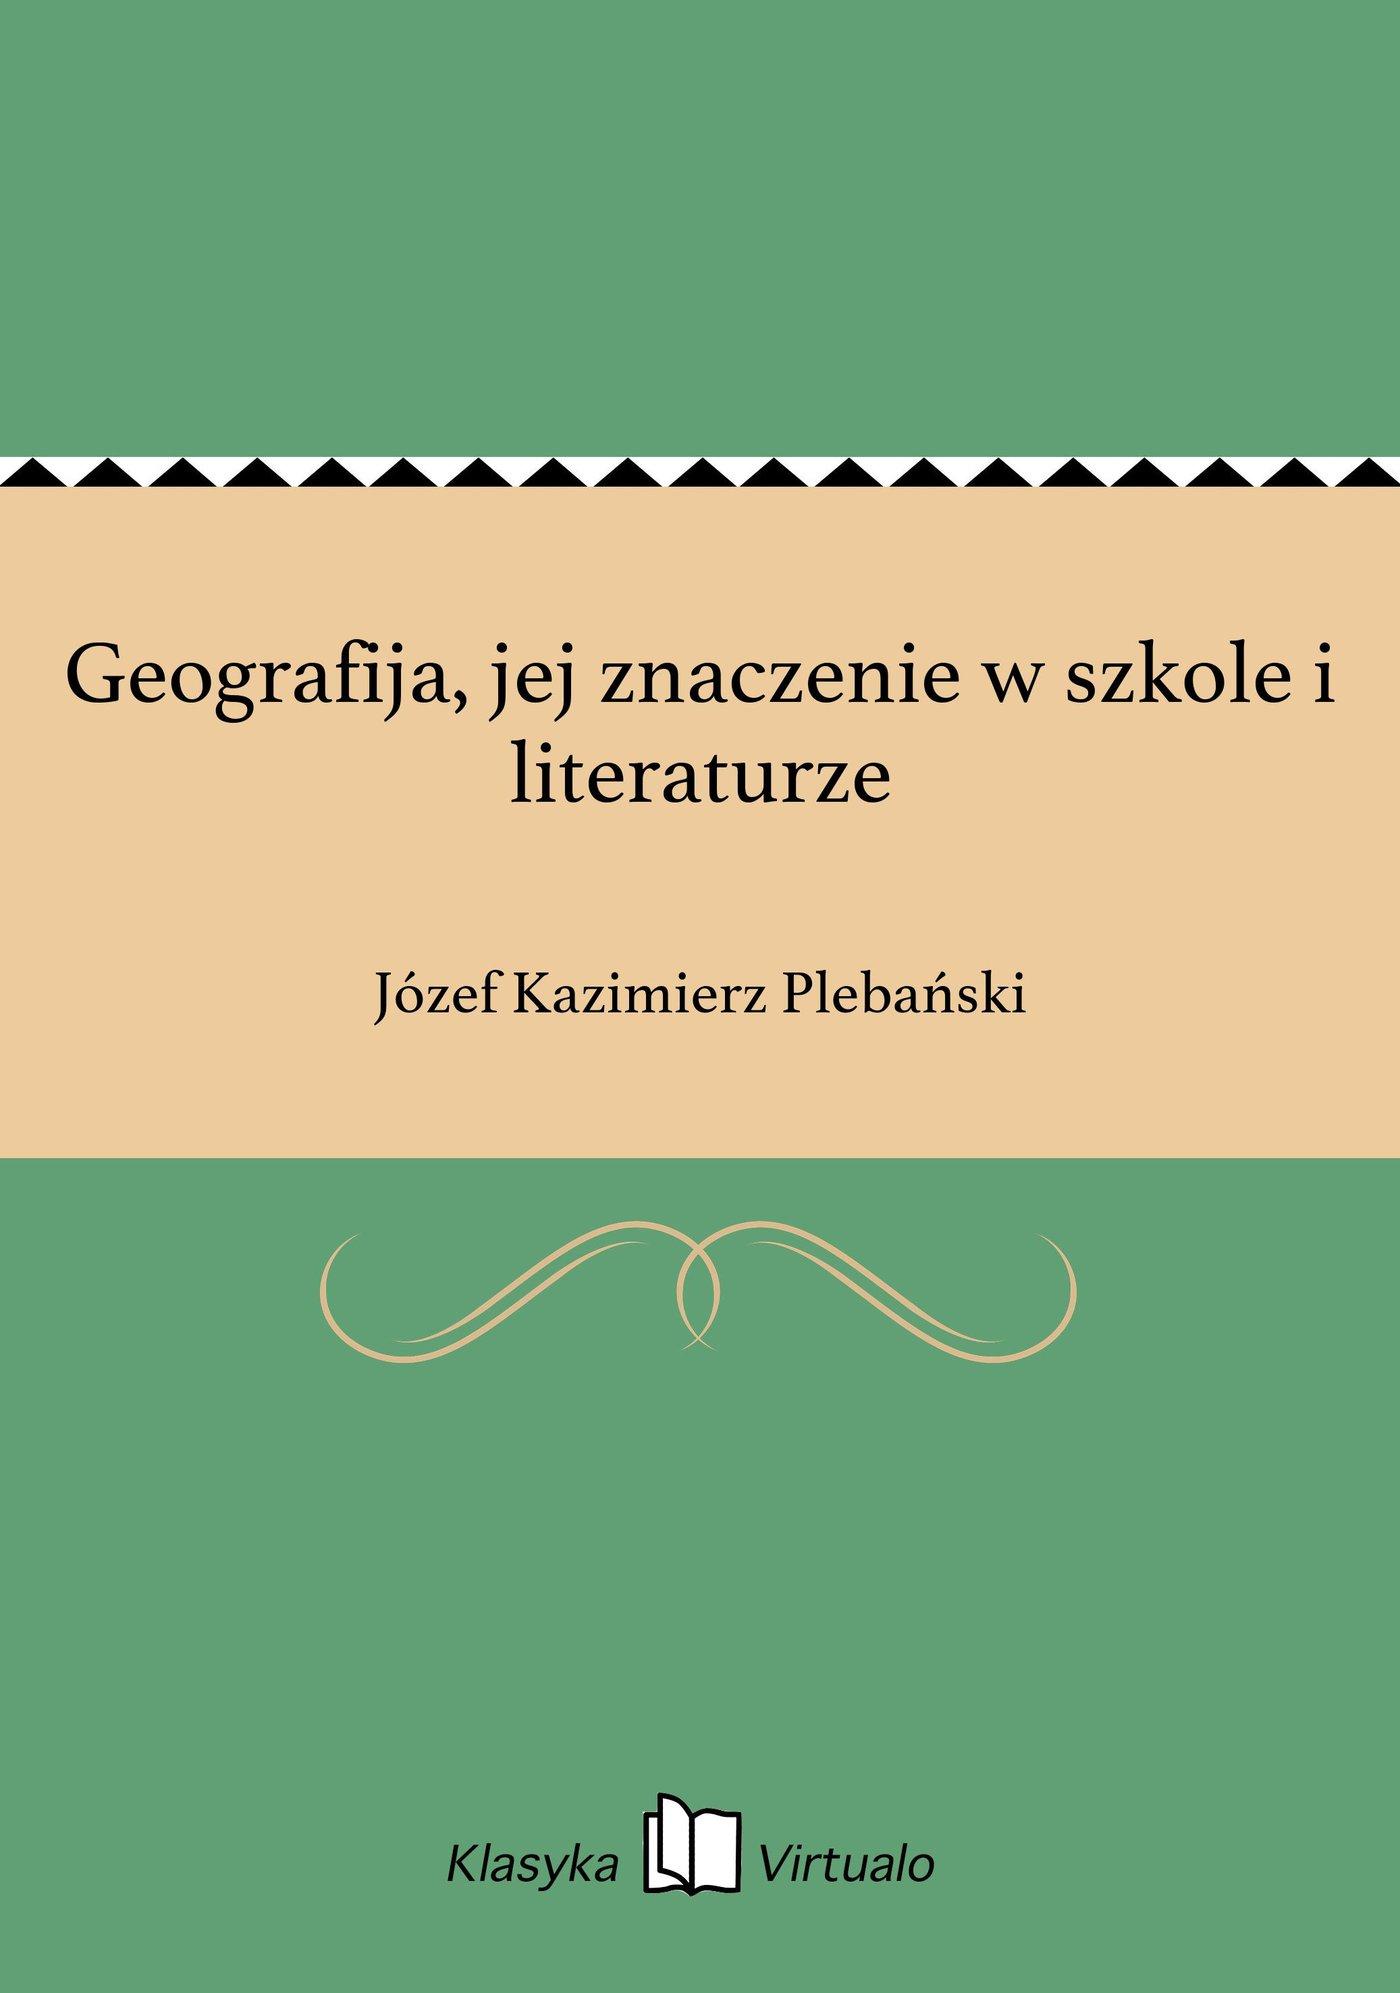 Geografija, jej znaczenie w szkole i literaturze - Ebook (Książka EPUB) do pobrania w formacie EPUB